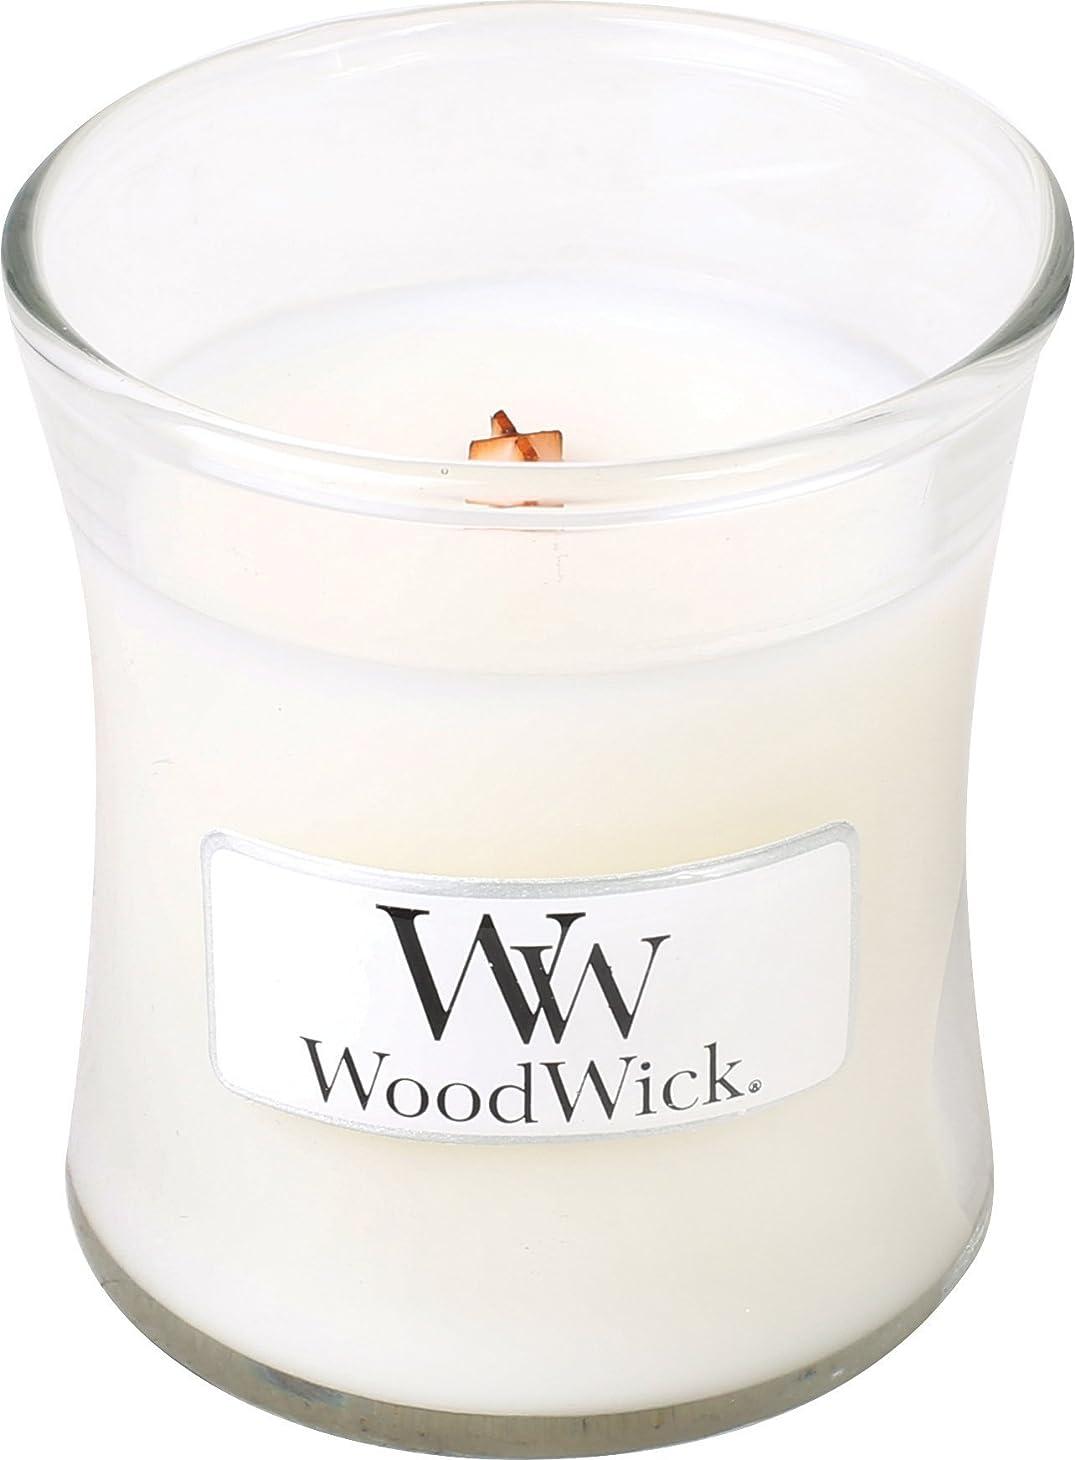 十代の若者たち修理可能独立してWood Wick ウッドウィック ジャーキャンドルSサイズ ホワイトティージャスミン